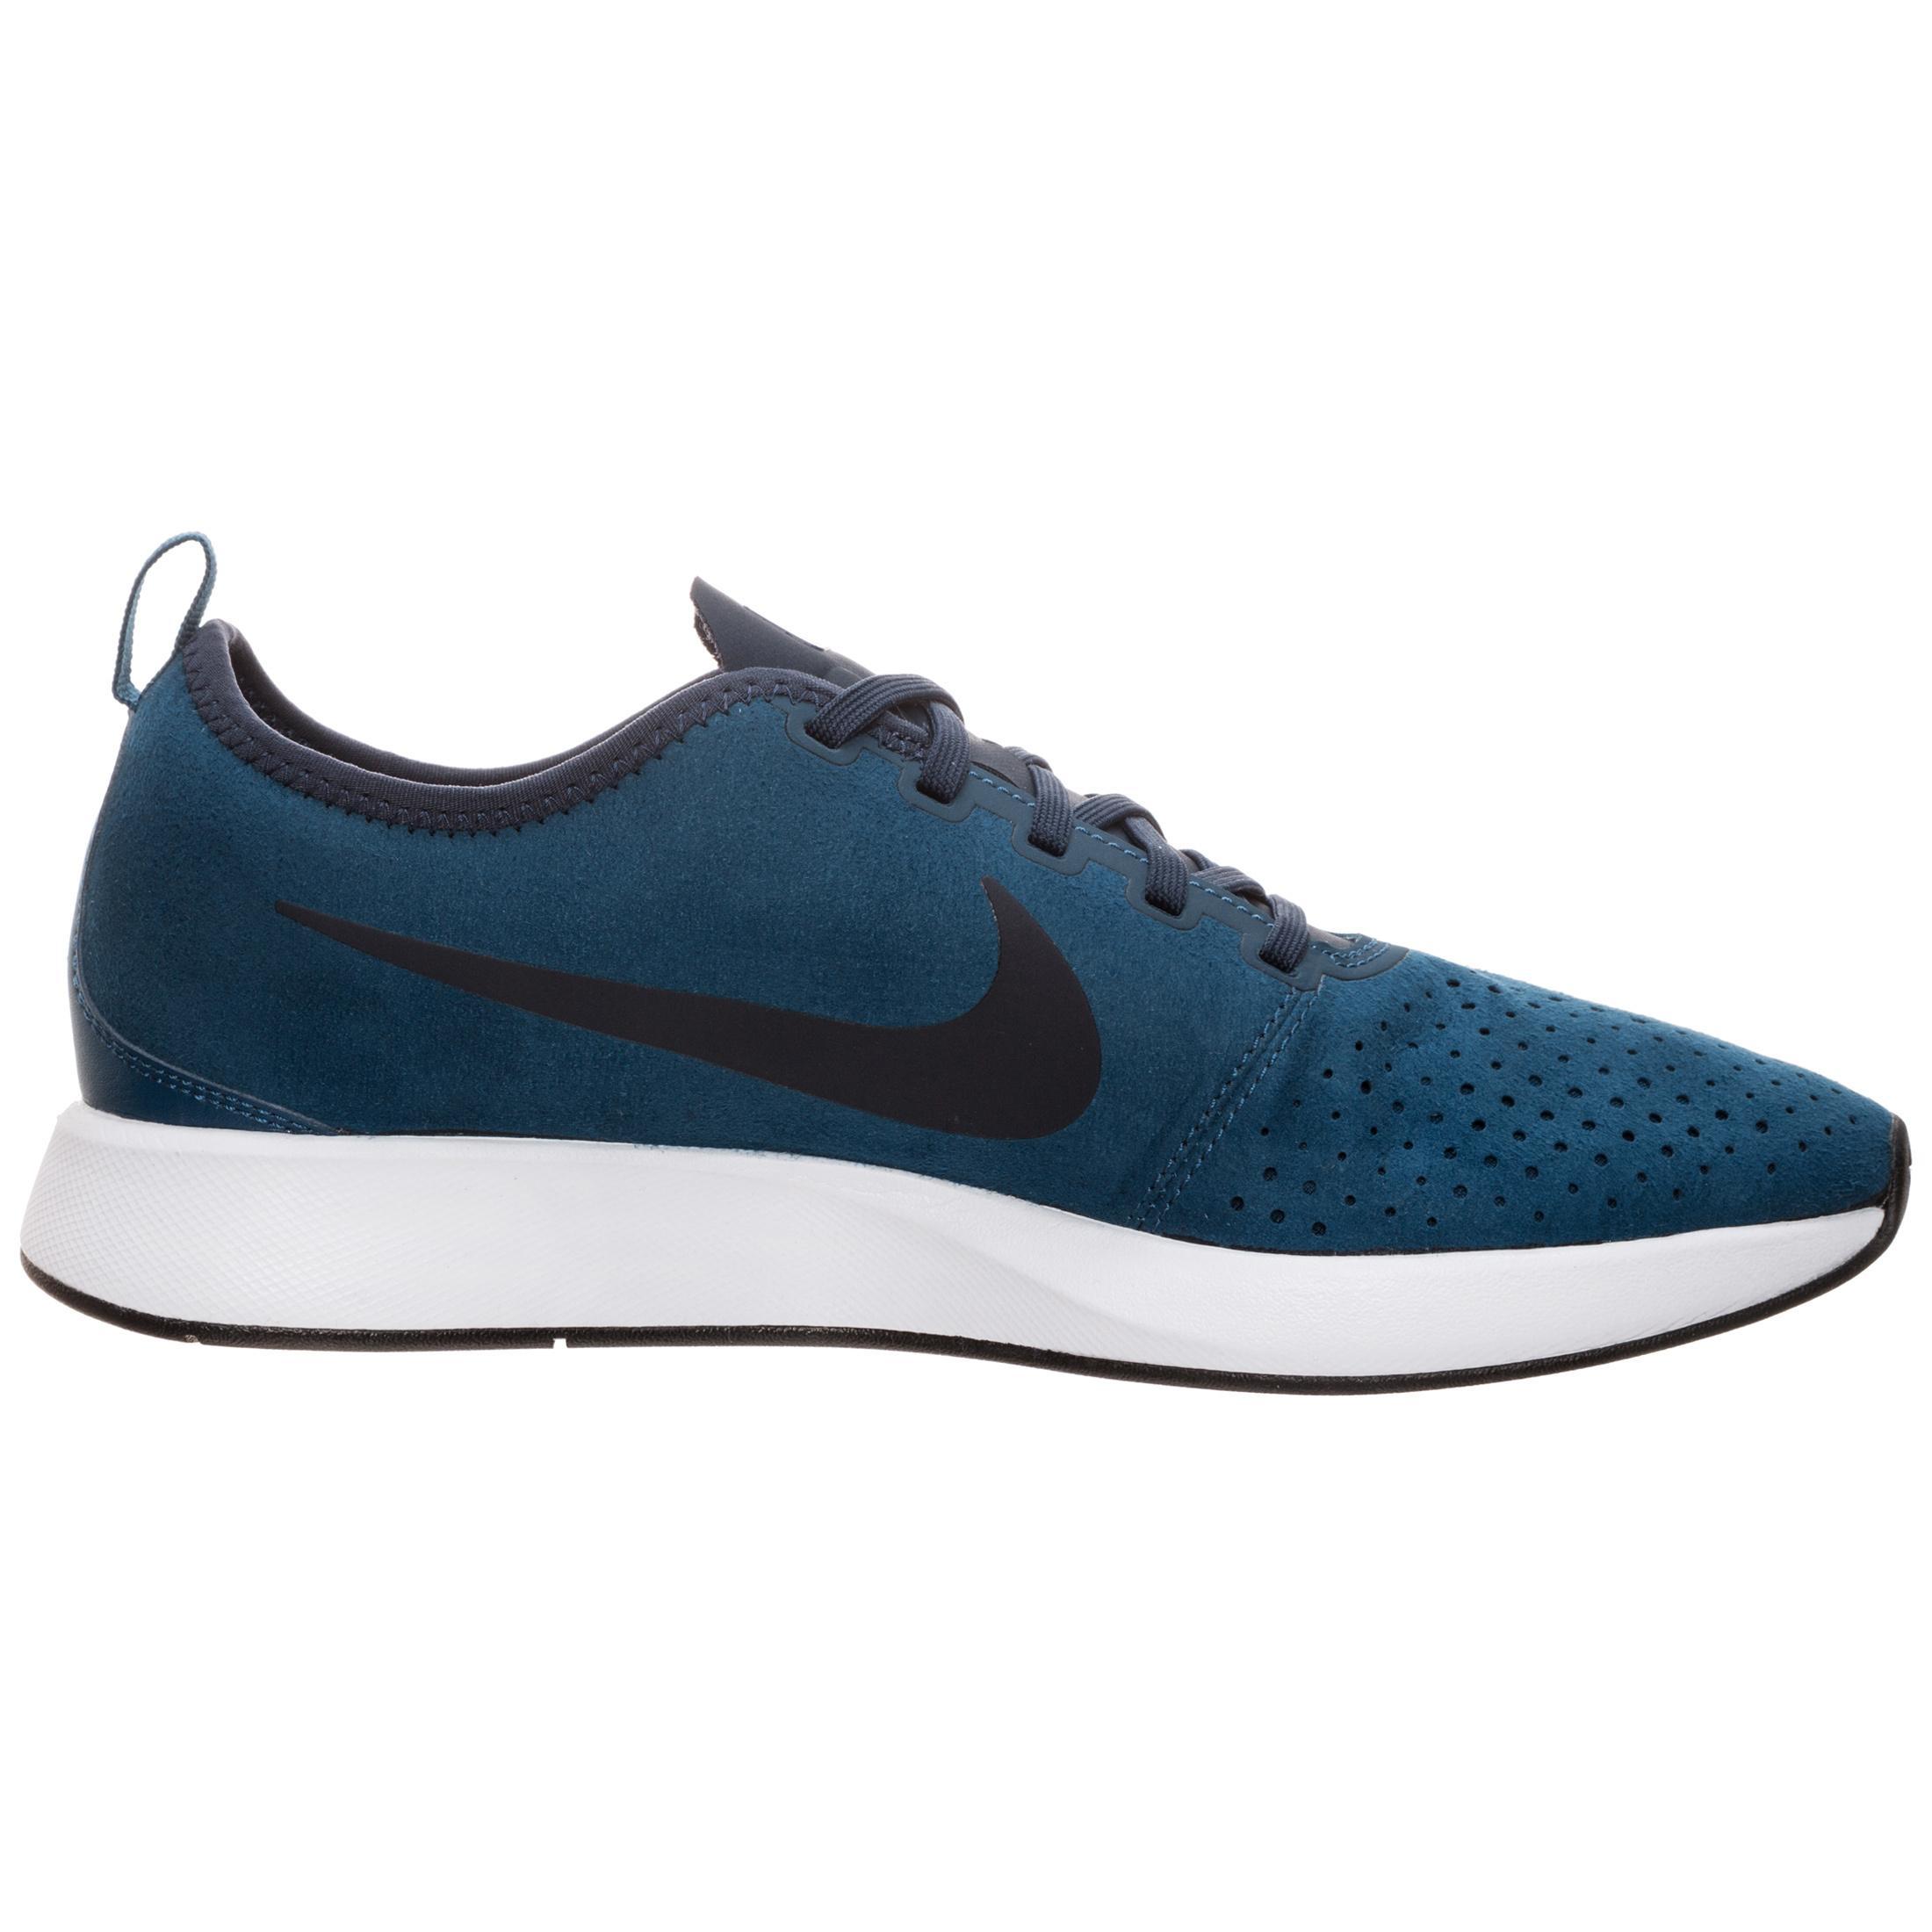 Nike Dualtone Dualtone Dualtone Racer Premium Turnschuhe Herren blau   weiß im Online Shop von SportScheck kaufen Gute Qualität beliebte Schuhe b7302c